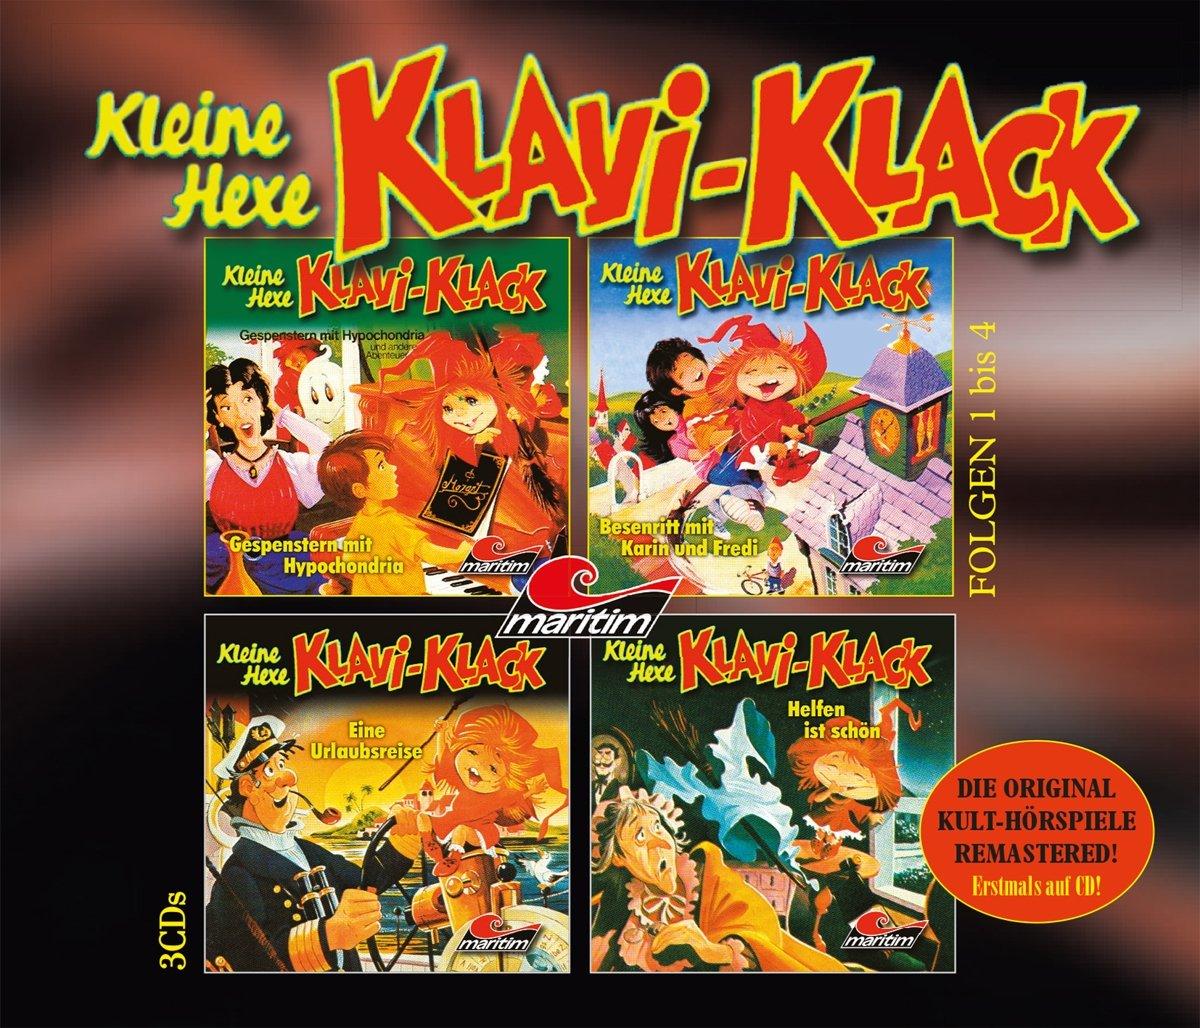 Kleine Hexe Klavi-Klack (1) Gespenstern mit Hypochondria - maritim 1979 / 2016